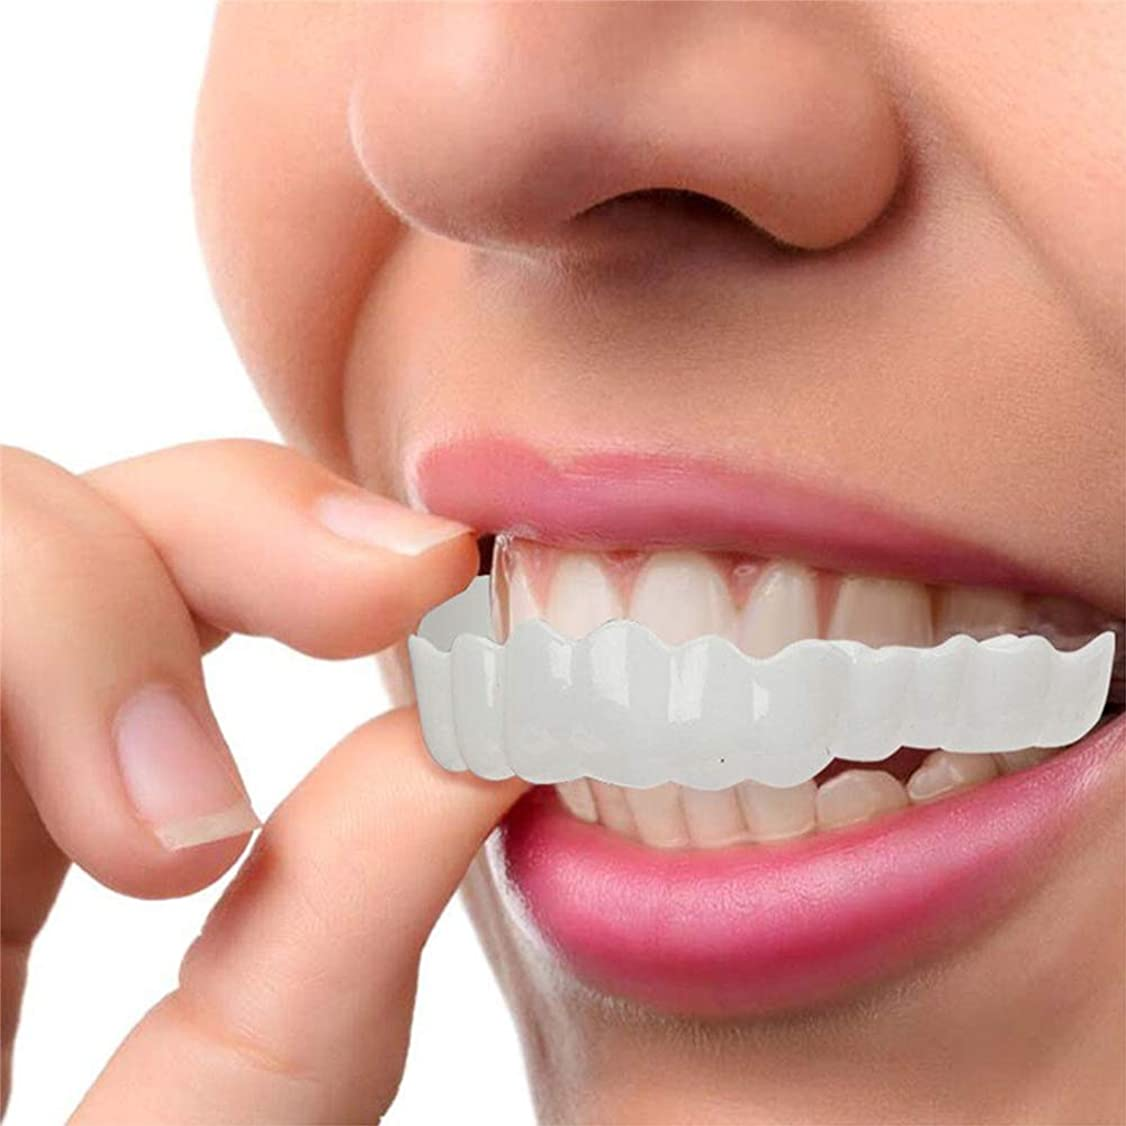 考慮野心チャンピオンシップ化粧品の歯、白い歯をきれいにするコンフォートフィットフレックス歯ソケット、超快適、快適なフィット感、3セット